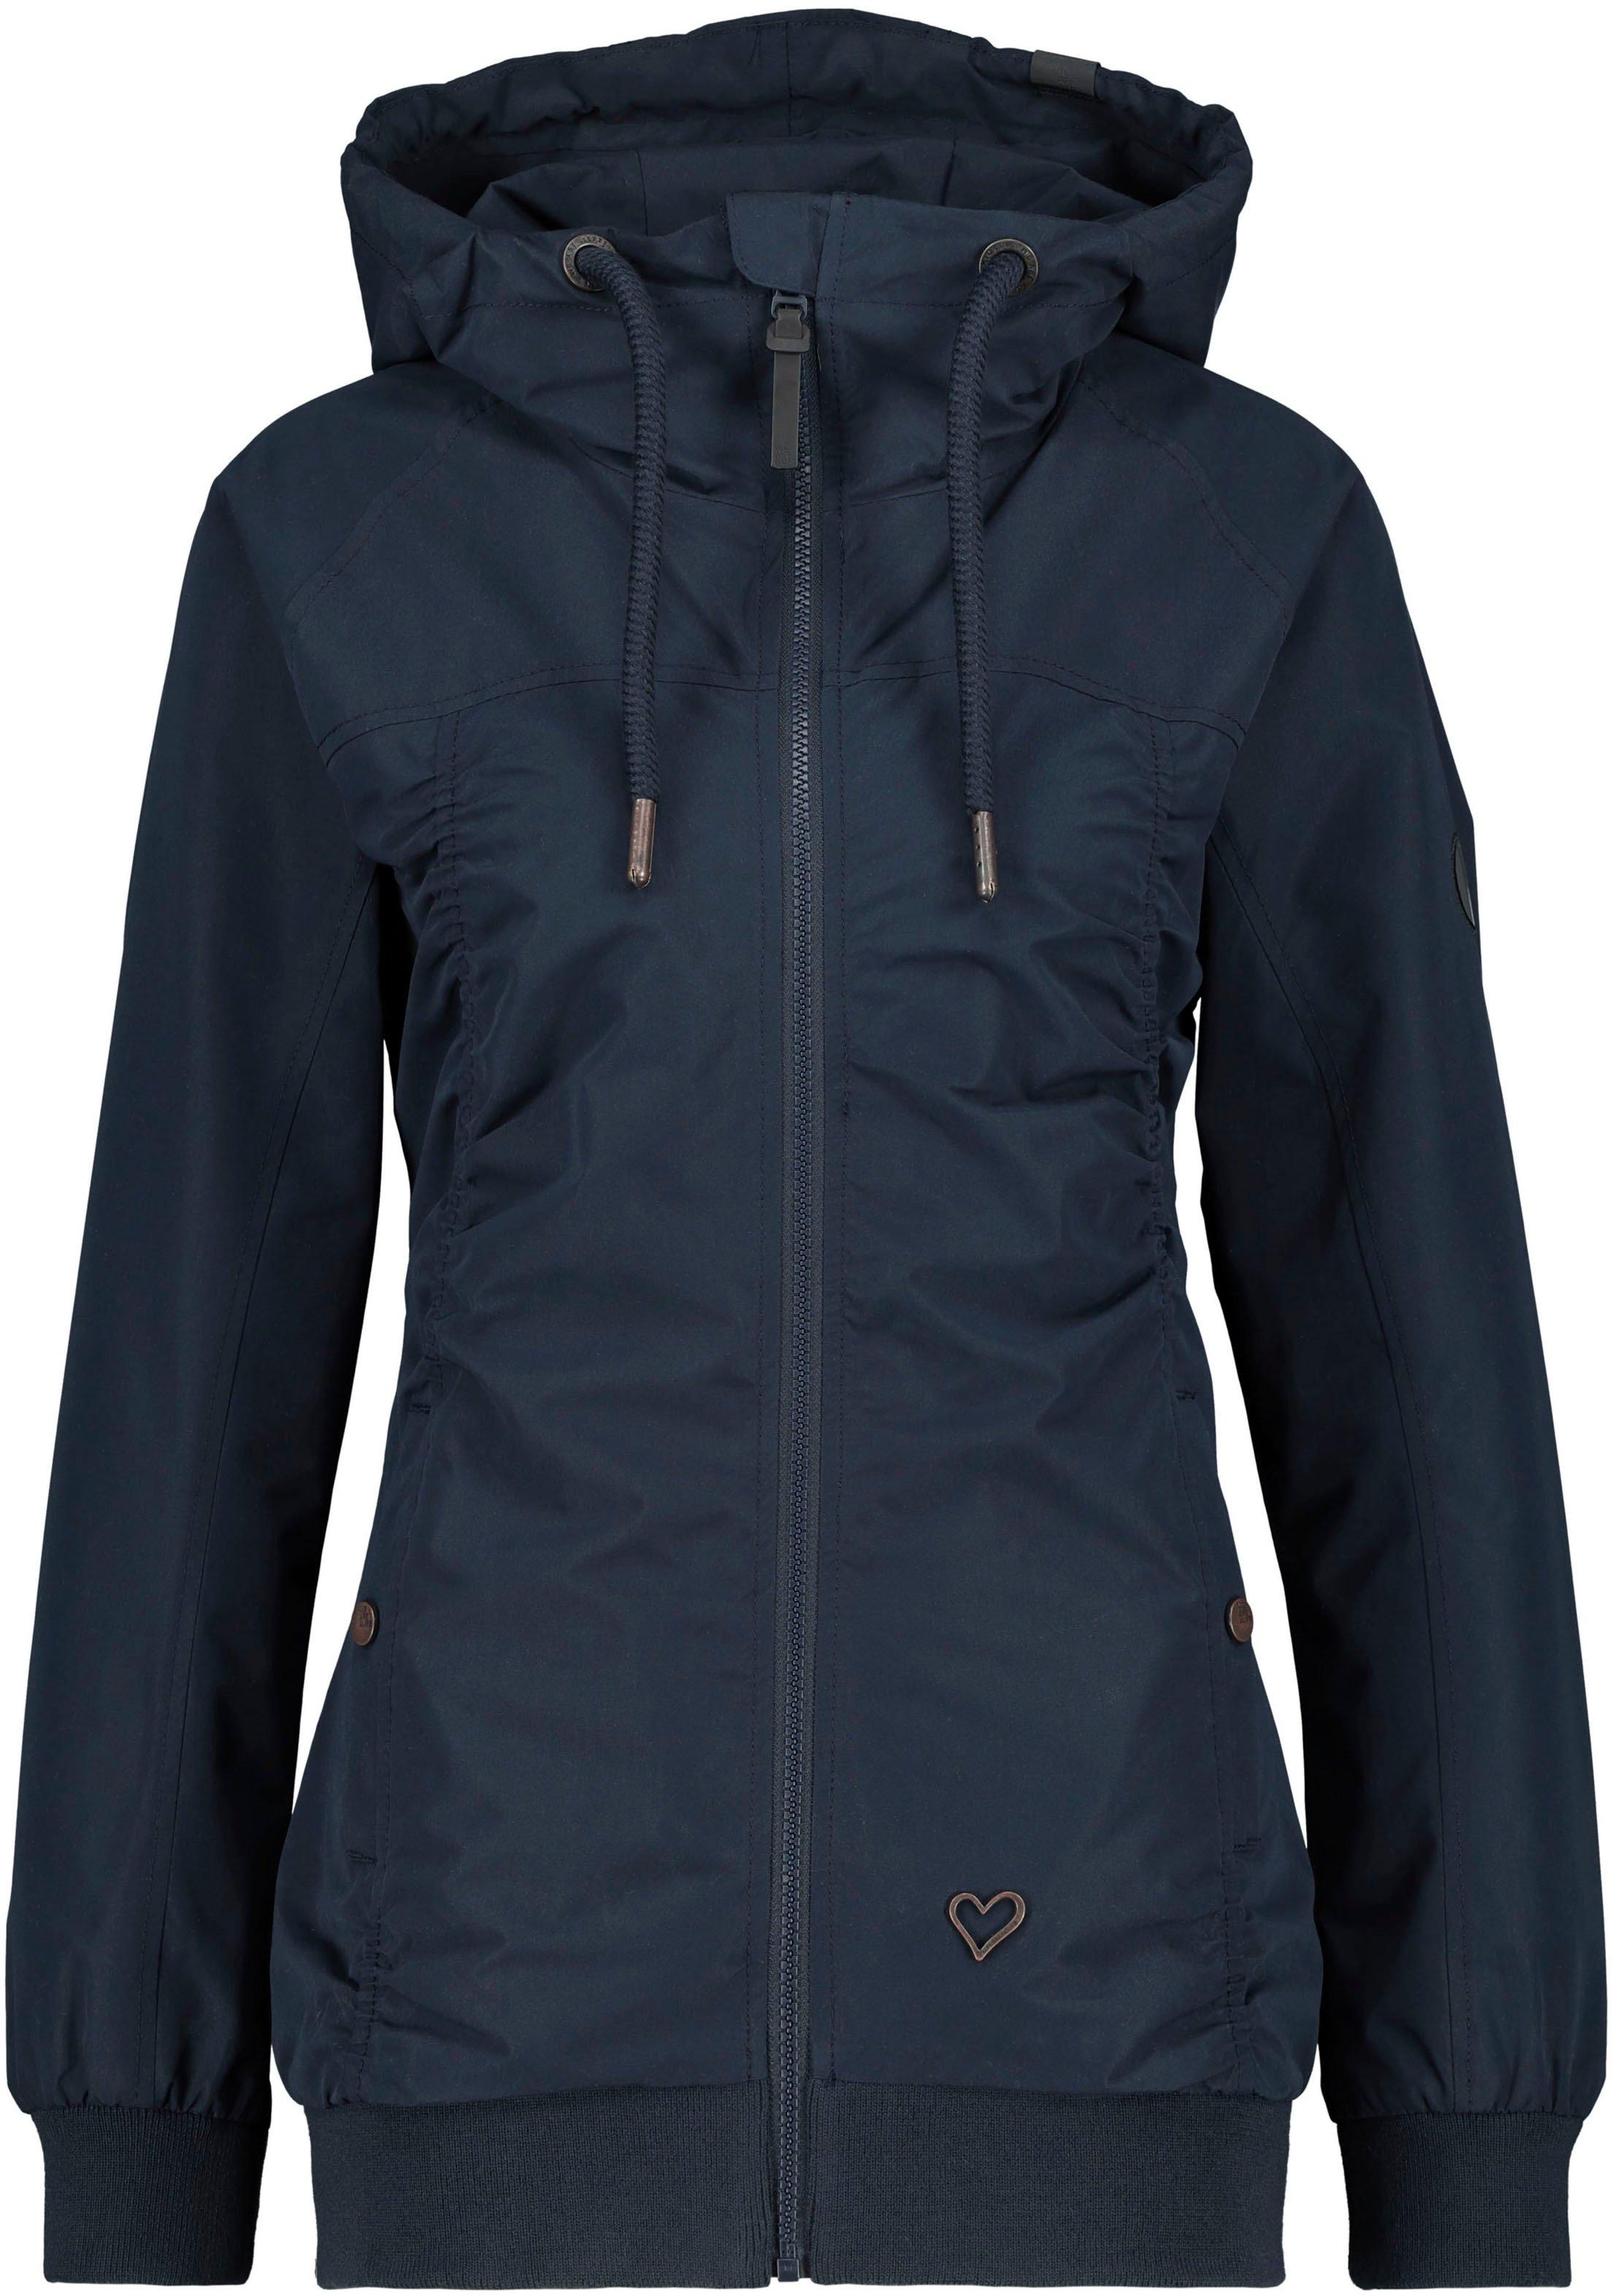 alife and kickin outdoorjack Black MambaAK licht jasje met elegante plooien, capuchon & zakken opzij veilig op otto.nl kopen